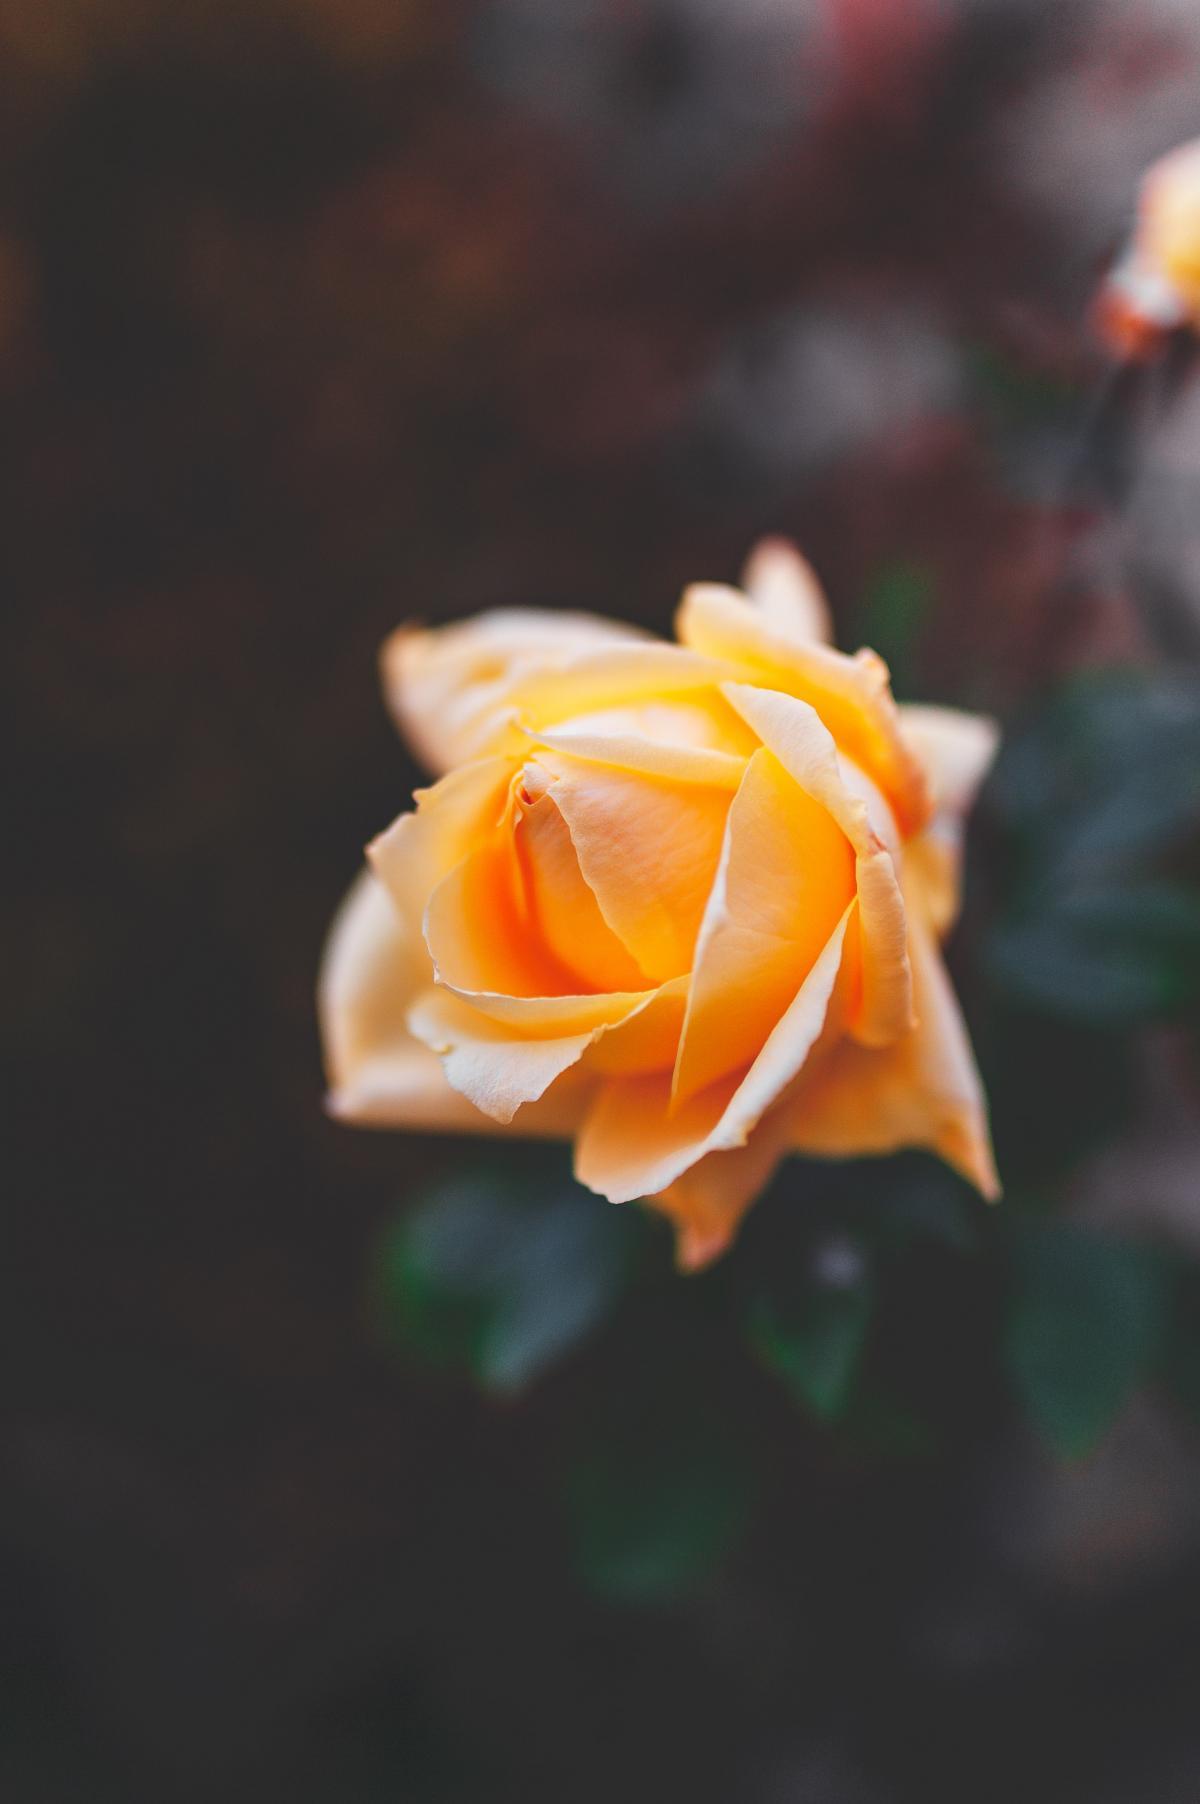 Bud Rose Flower